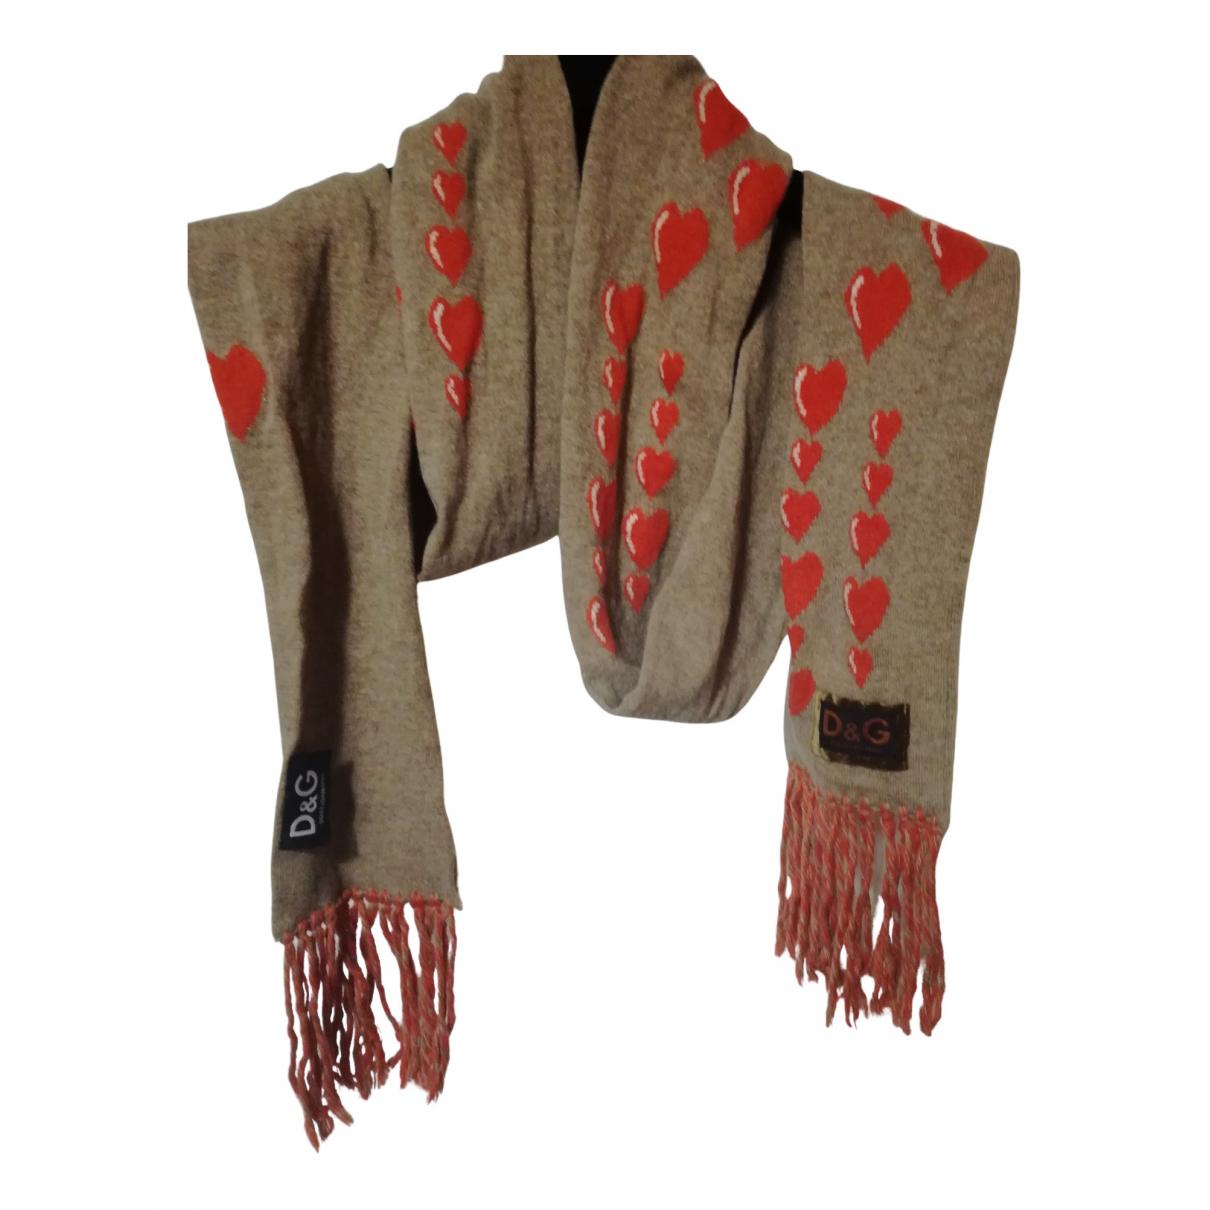 D&g - Foulard   pour femme en laine - beige